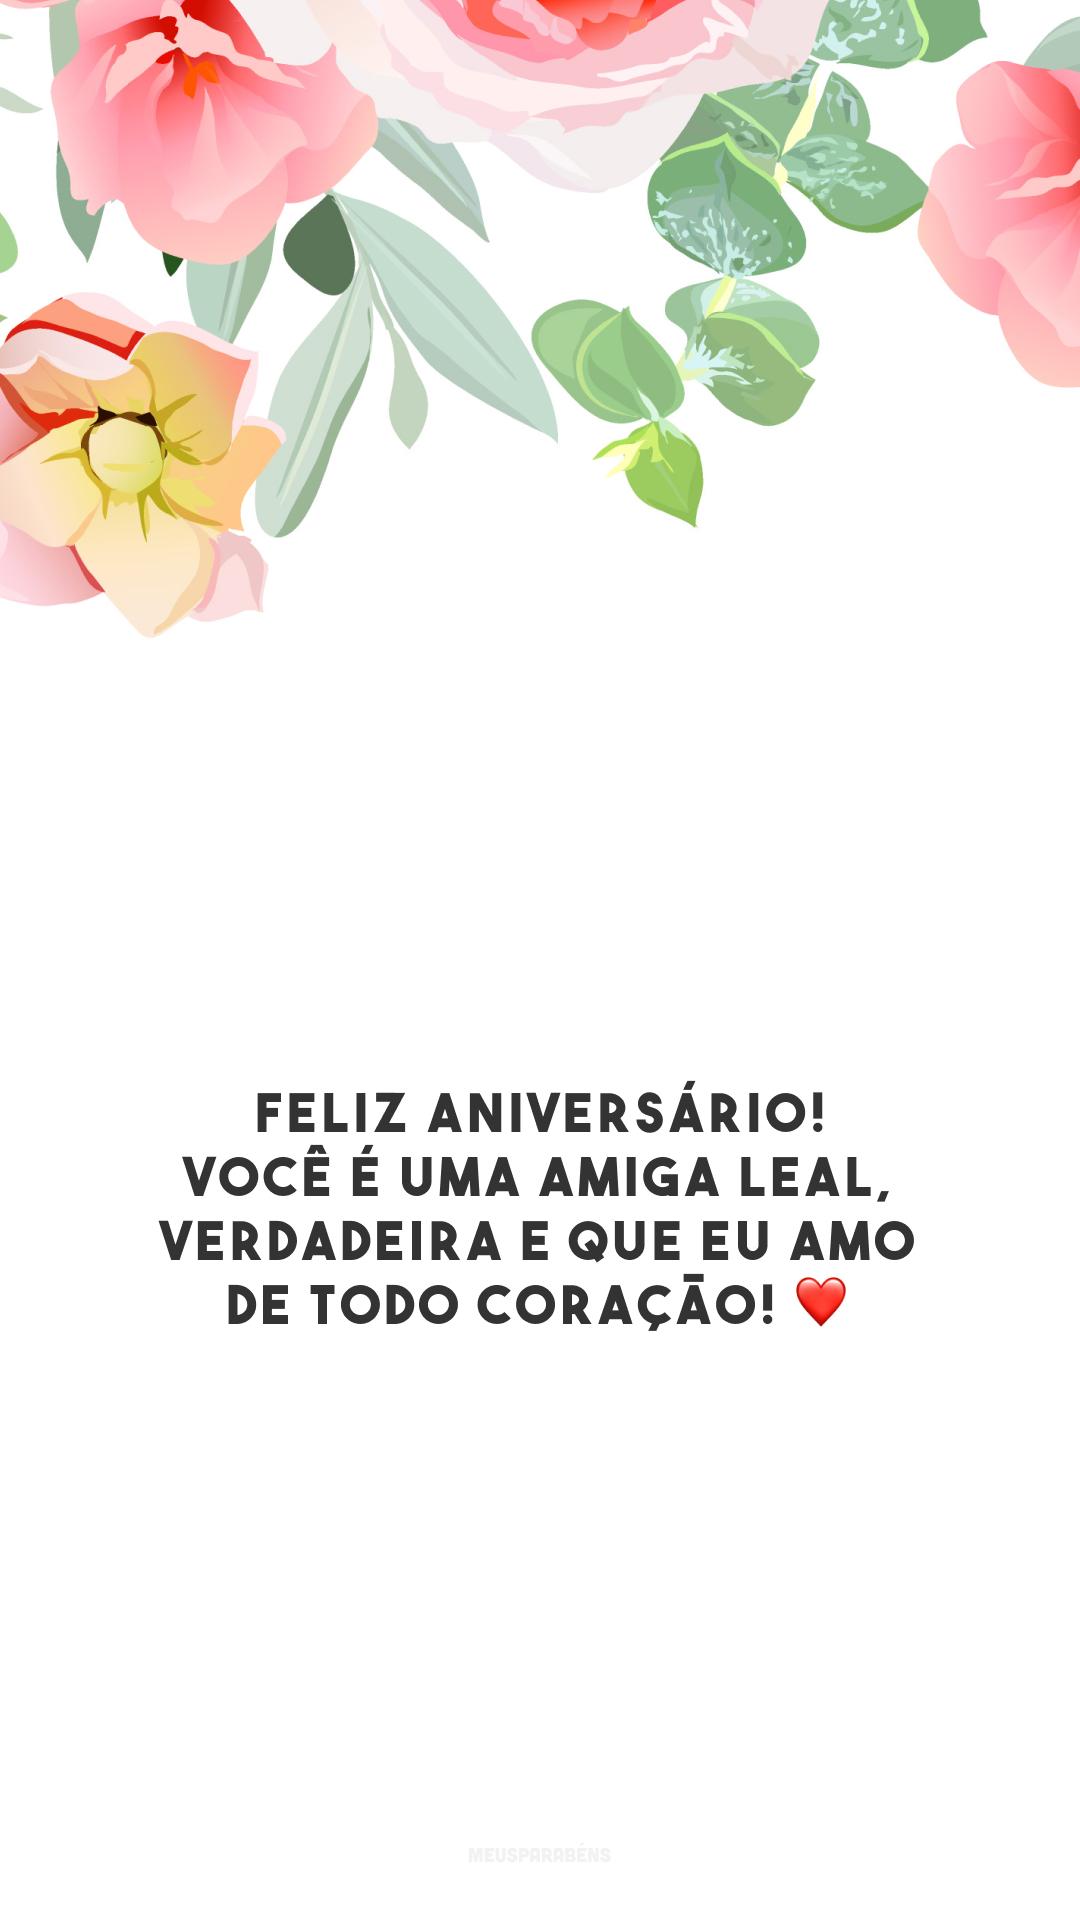 Feliz aniversário! Você é uma amiga leal, verdadeira e que eu amo de todo coração! ❤️